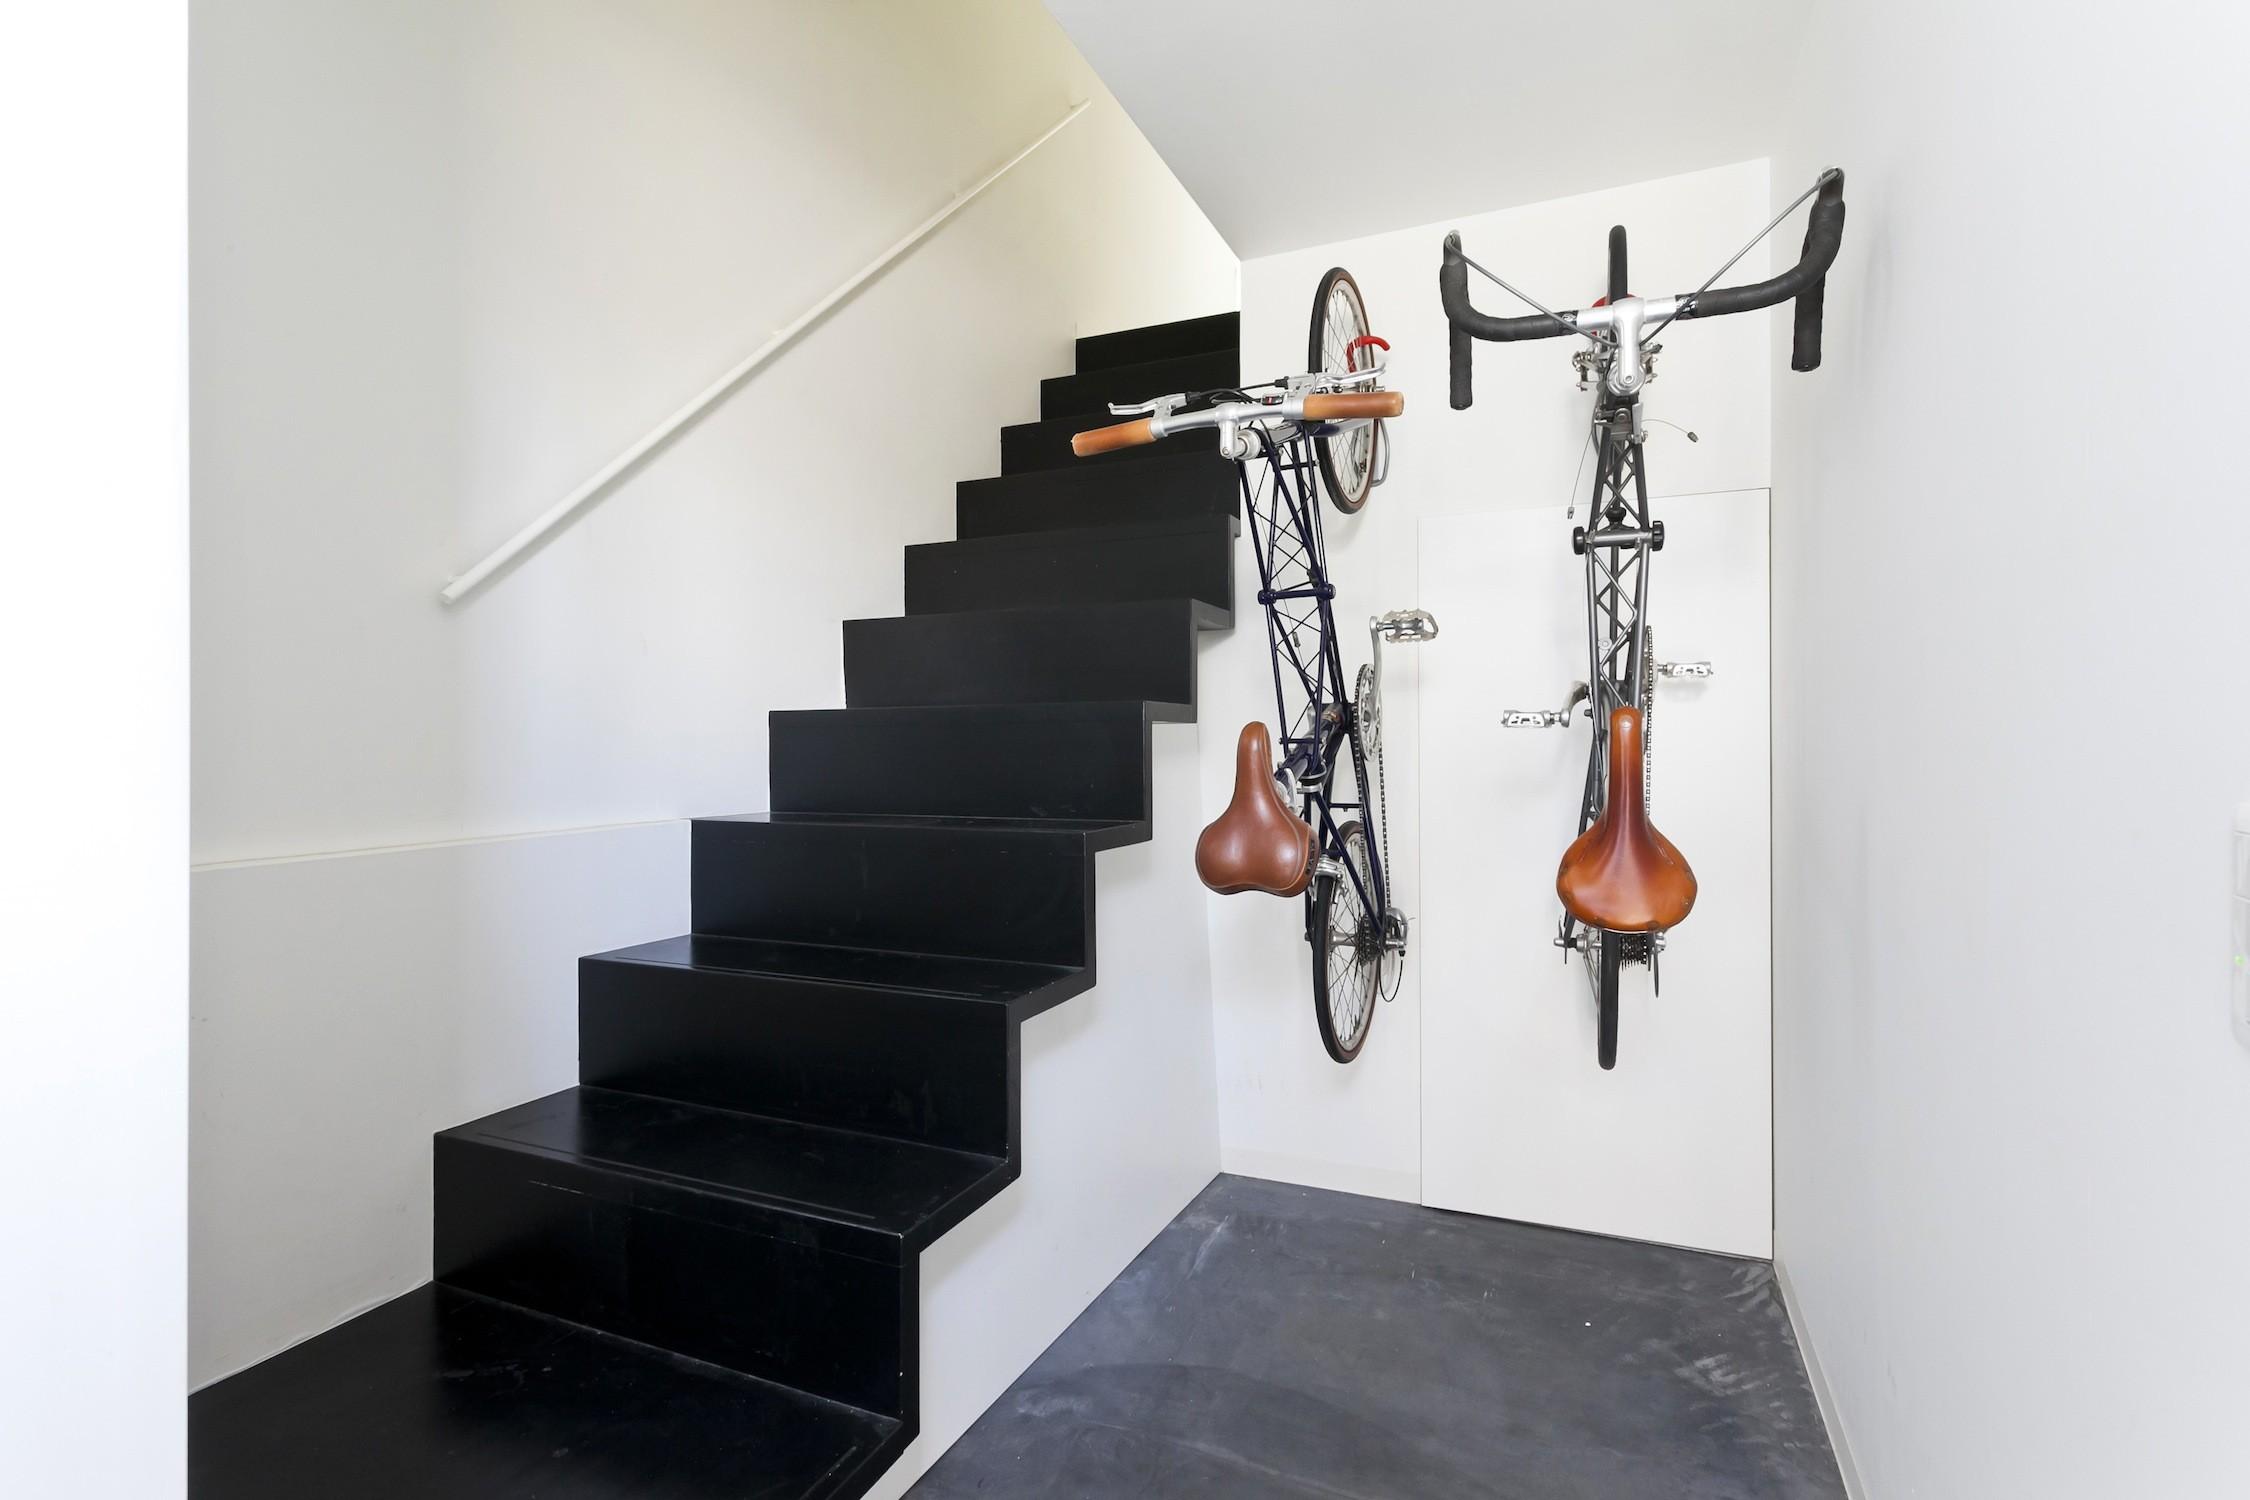 玄関事例:玄関ホールに自転車収納(ハコノオウチ05 ルーフバルコニーのある二世帯住宅)